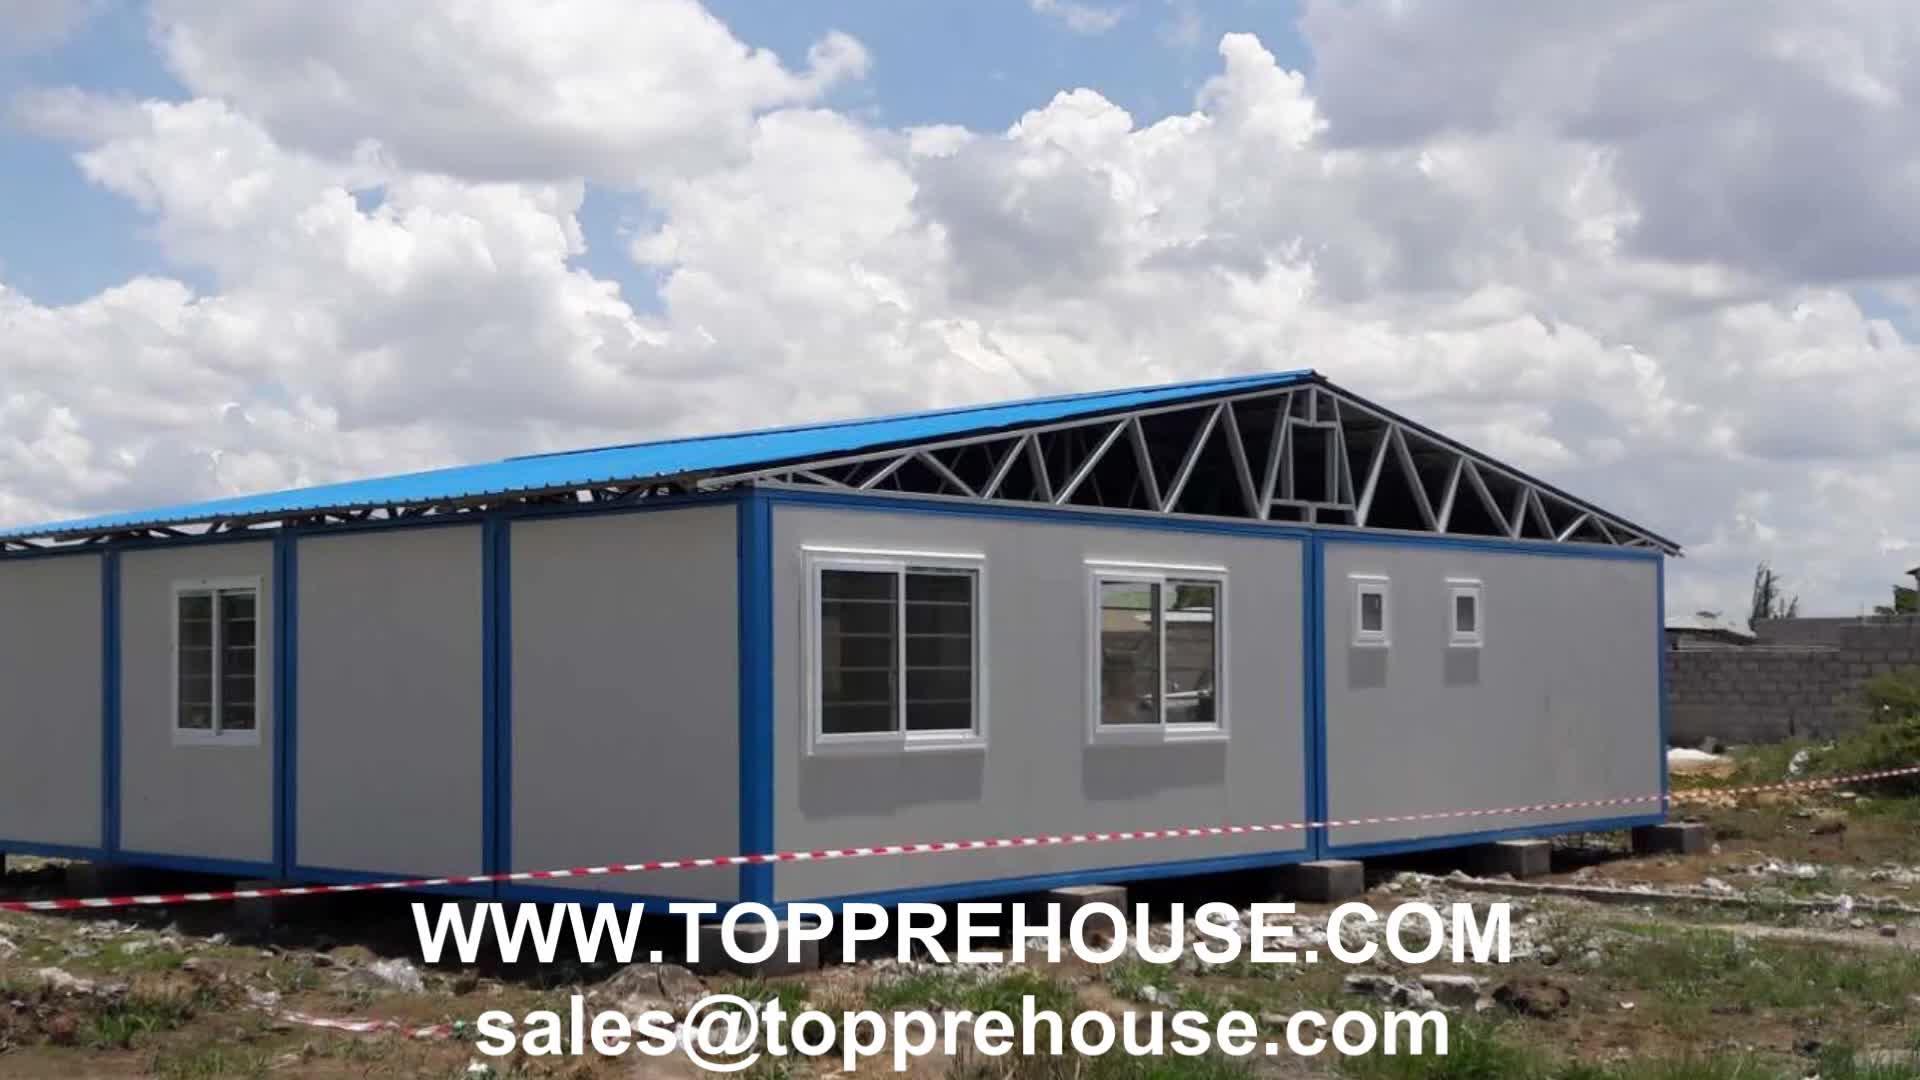 Prefab บ้านบ้านสำเร็จรูป 20 ฟุตสำนักงานคอนเทนเนอร์มาเลเซียมือถือ trailer โครงสร้าง prefab บ้านบ้านคาราวาน